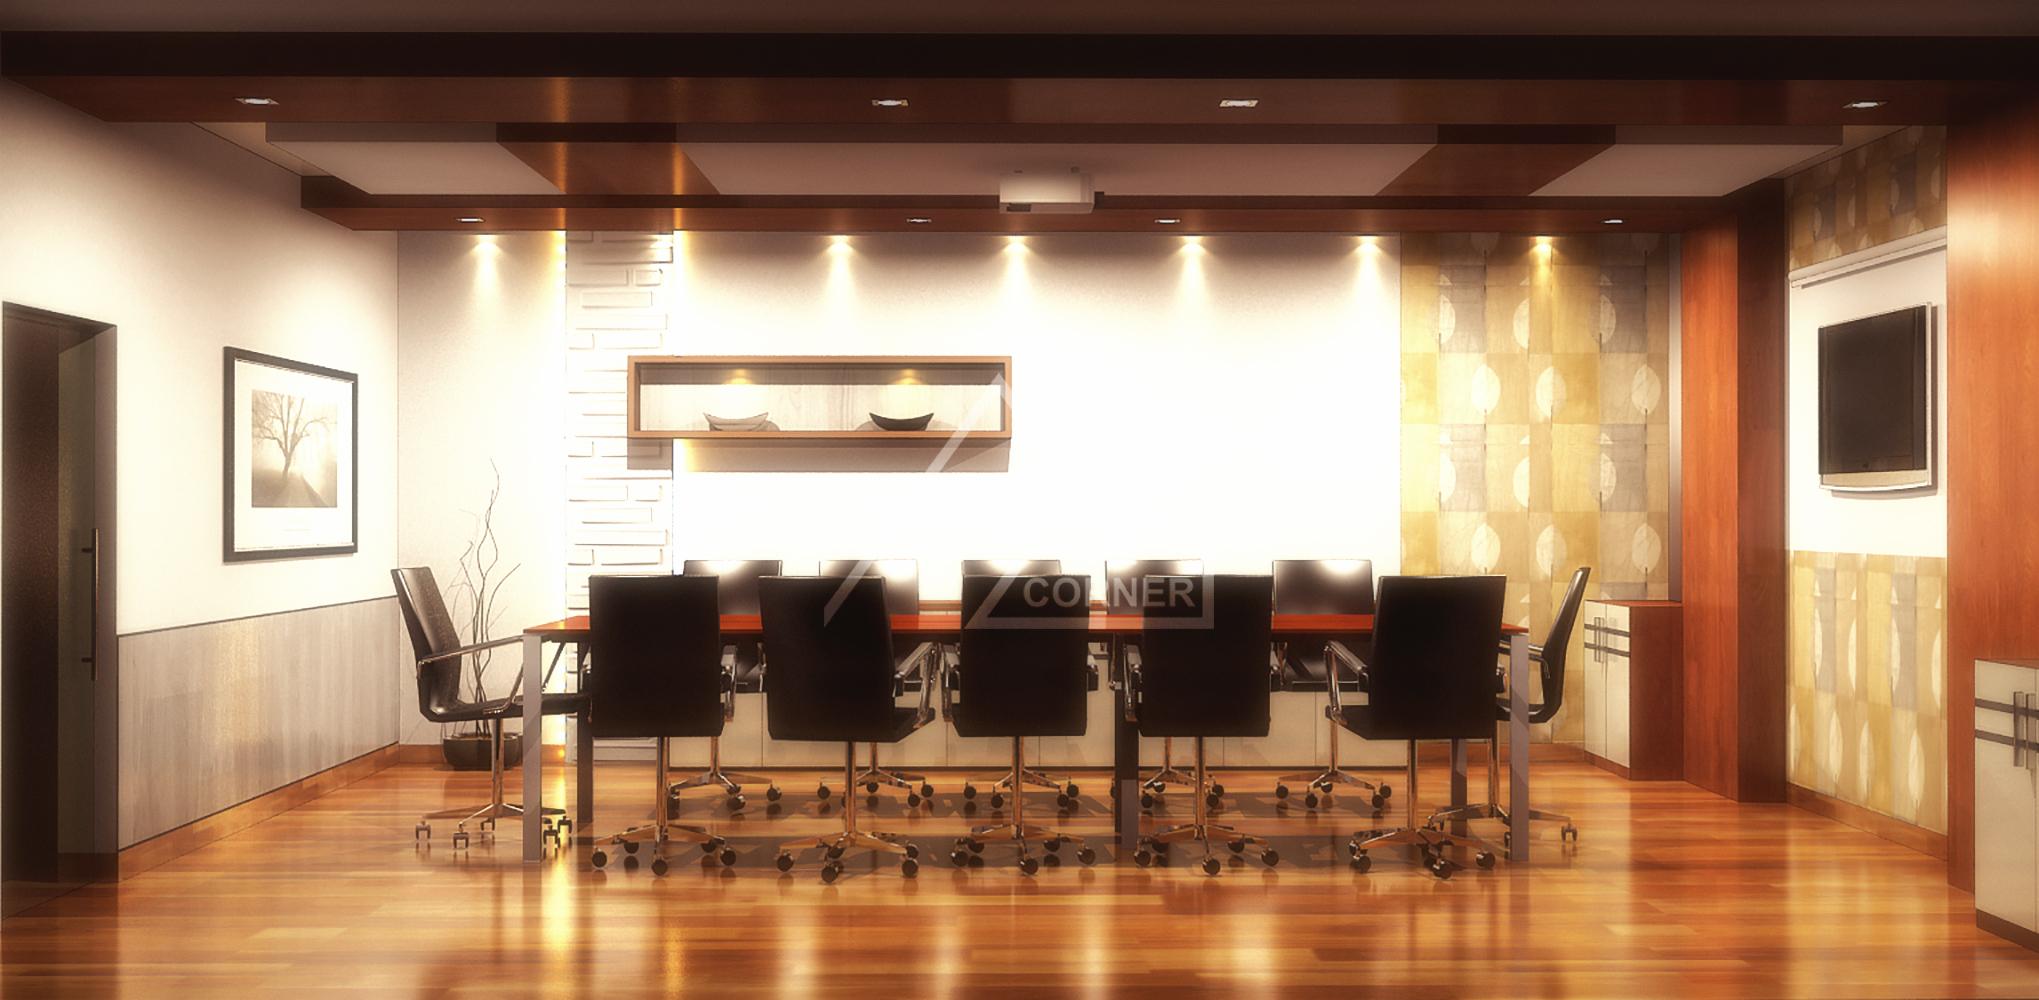 Conference Room Render